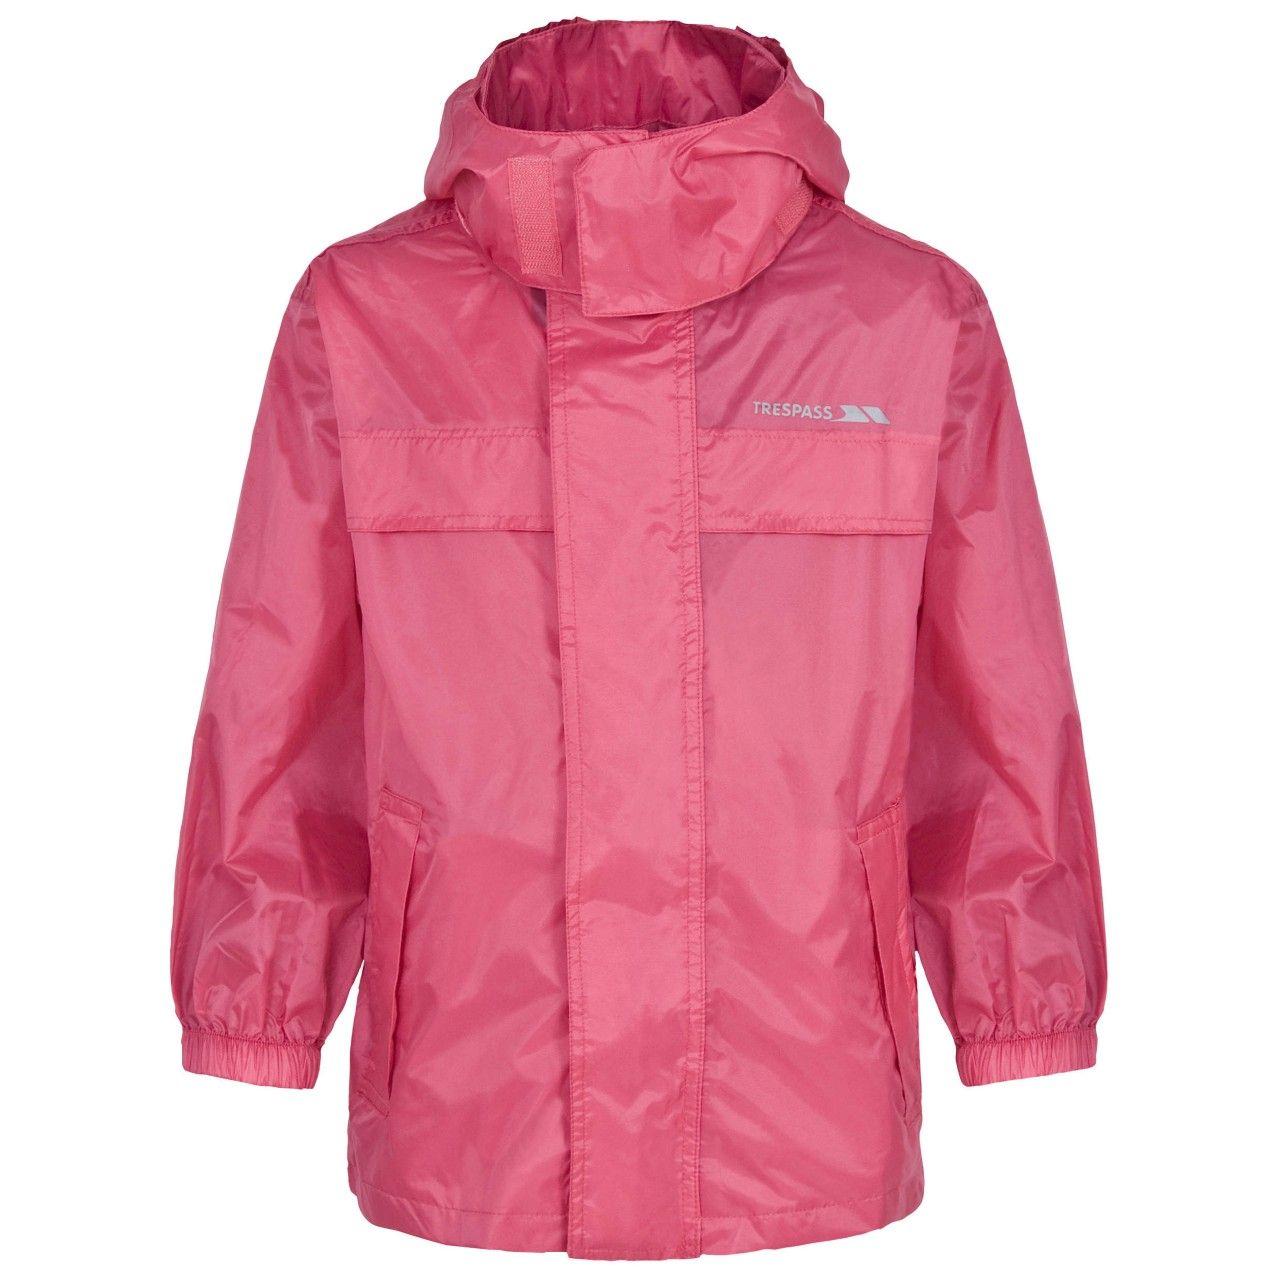 Trespass Kids Unisex Packa Pack Away Waterproof Jacket